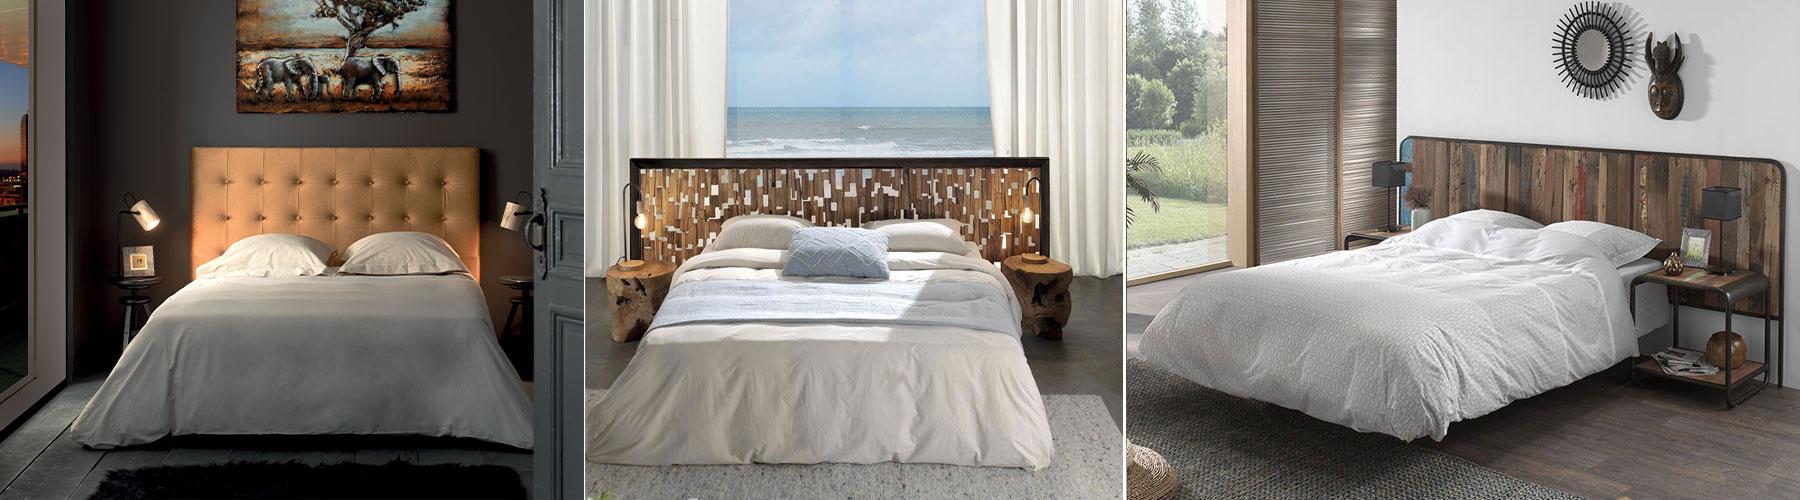 Tête de lit pour l'hôtellerie